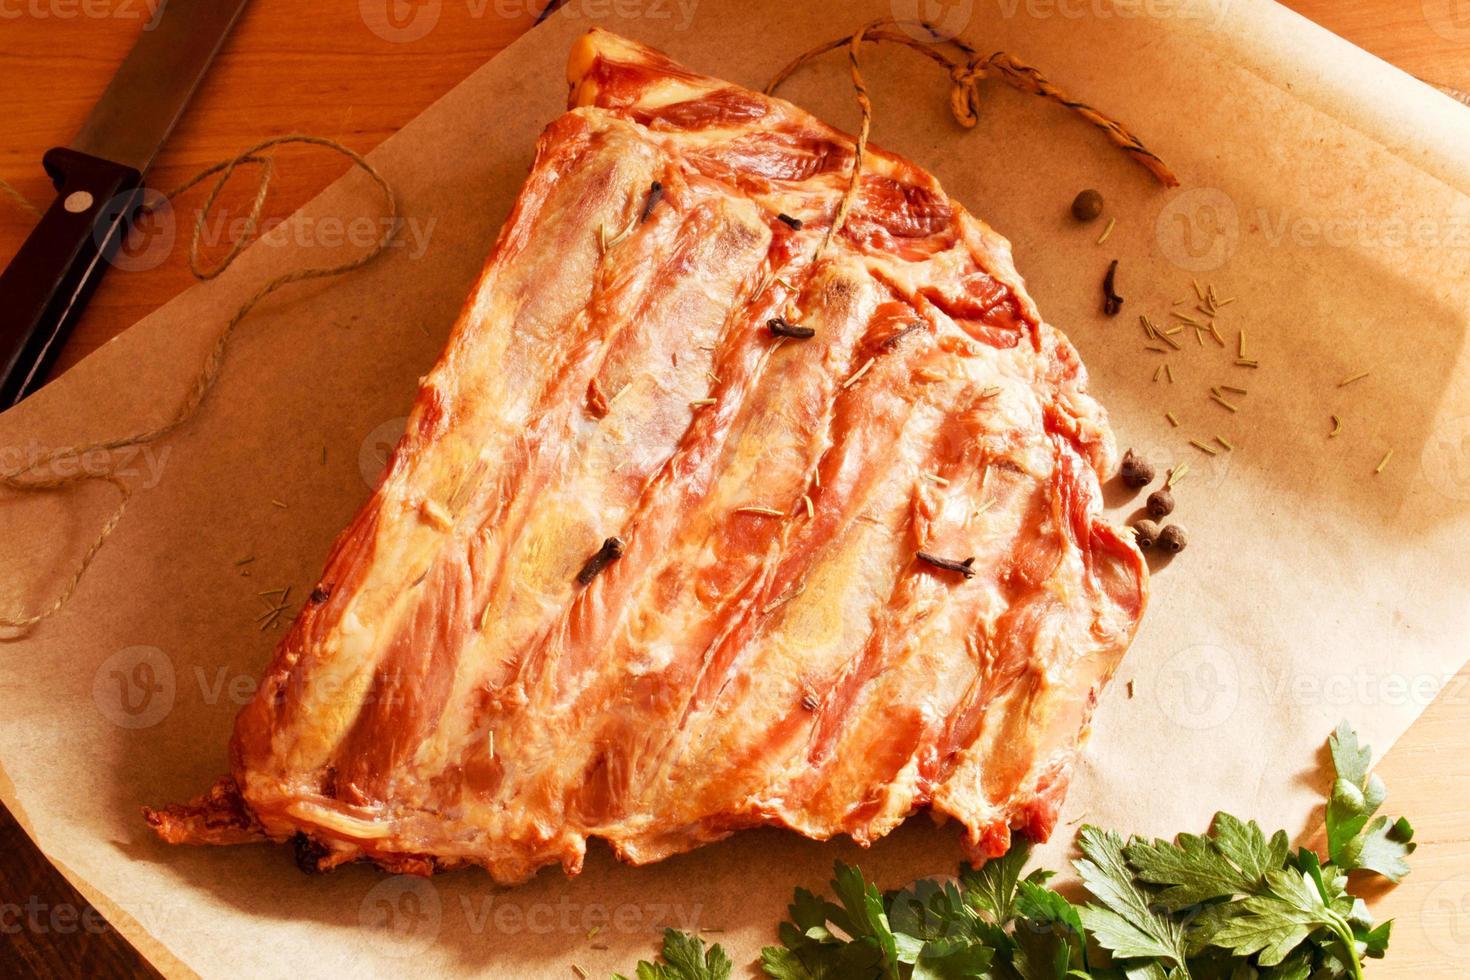 Smoked pork ribs photo